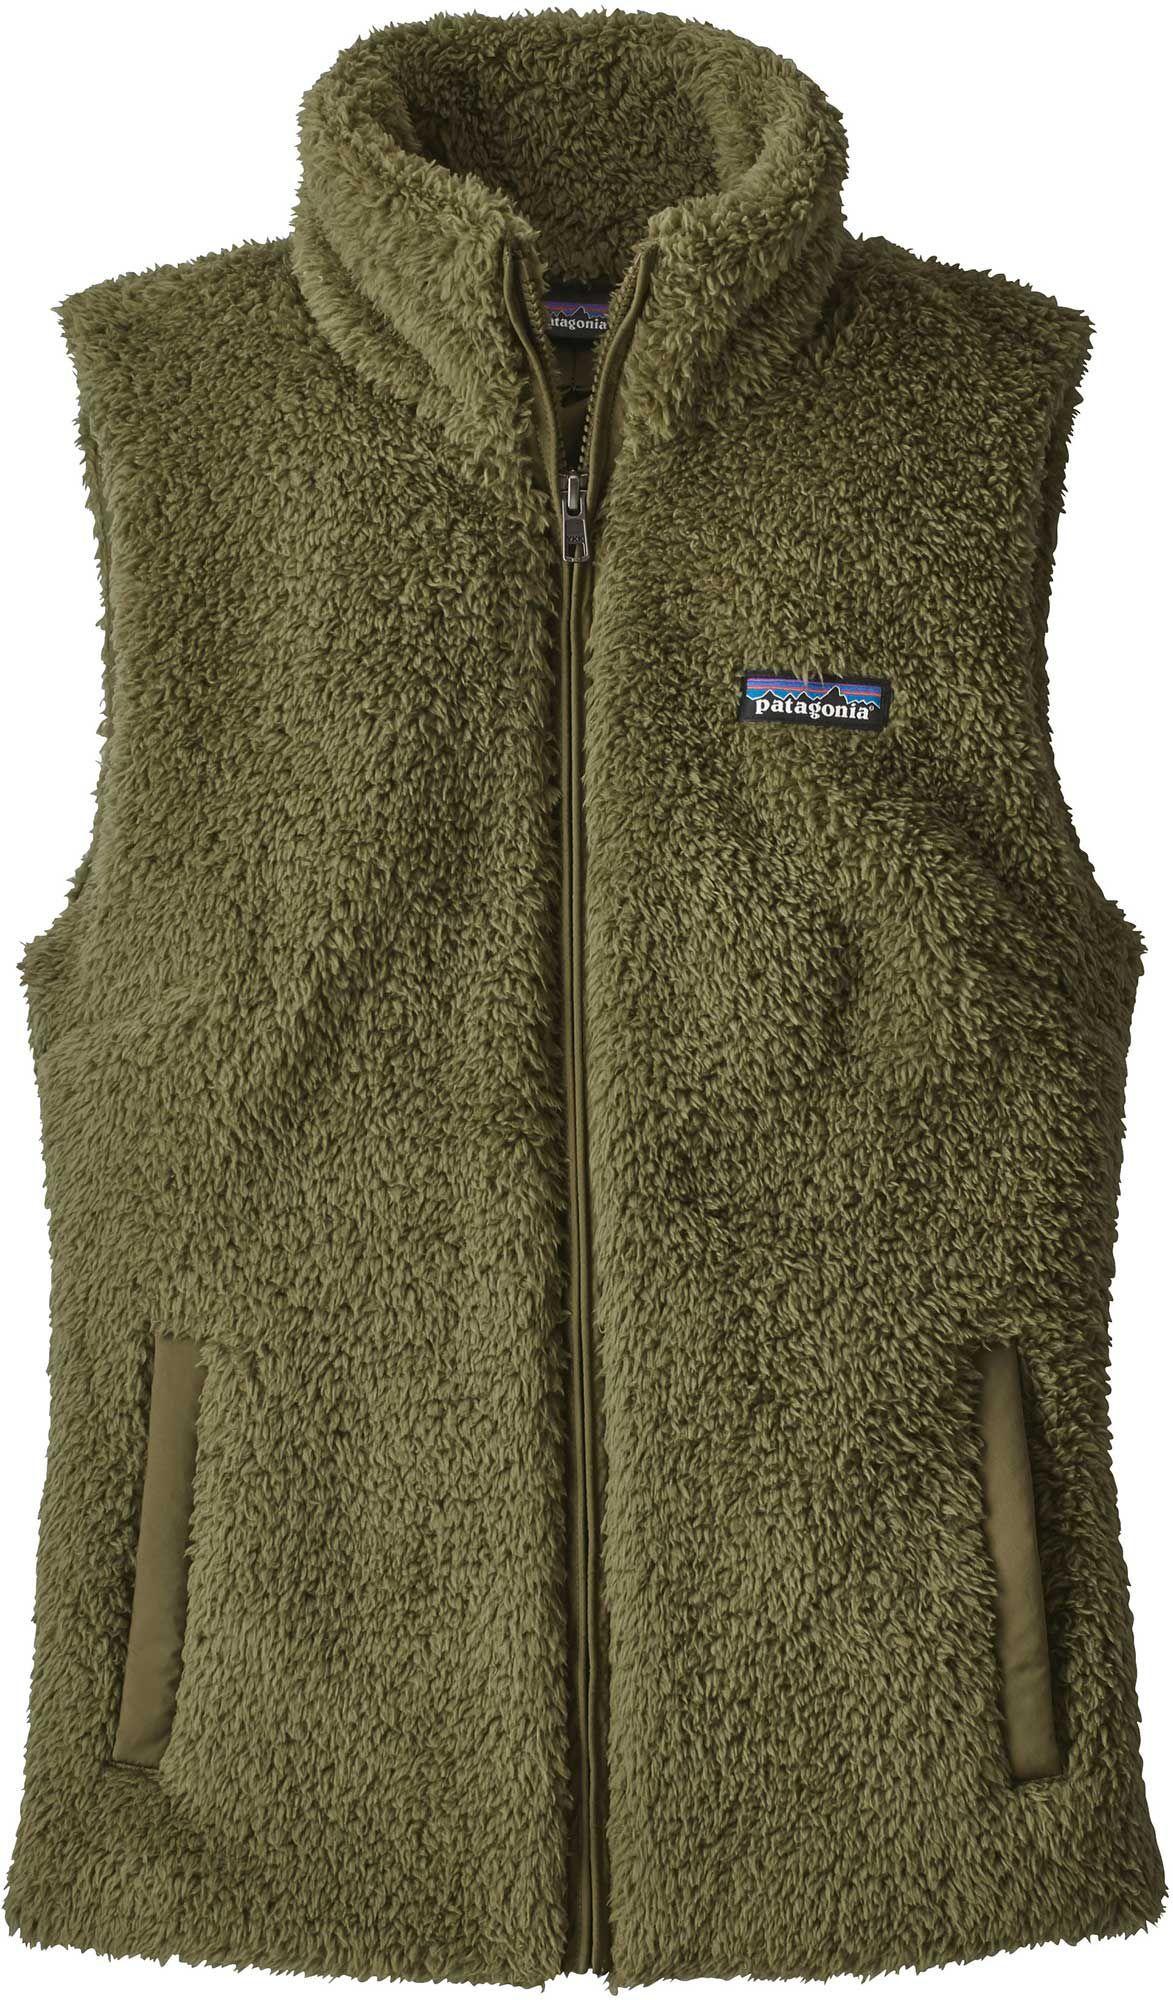 52cb00bd Patagonia Women's Los Gatos Fleece Vest in 2019 | Products ...